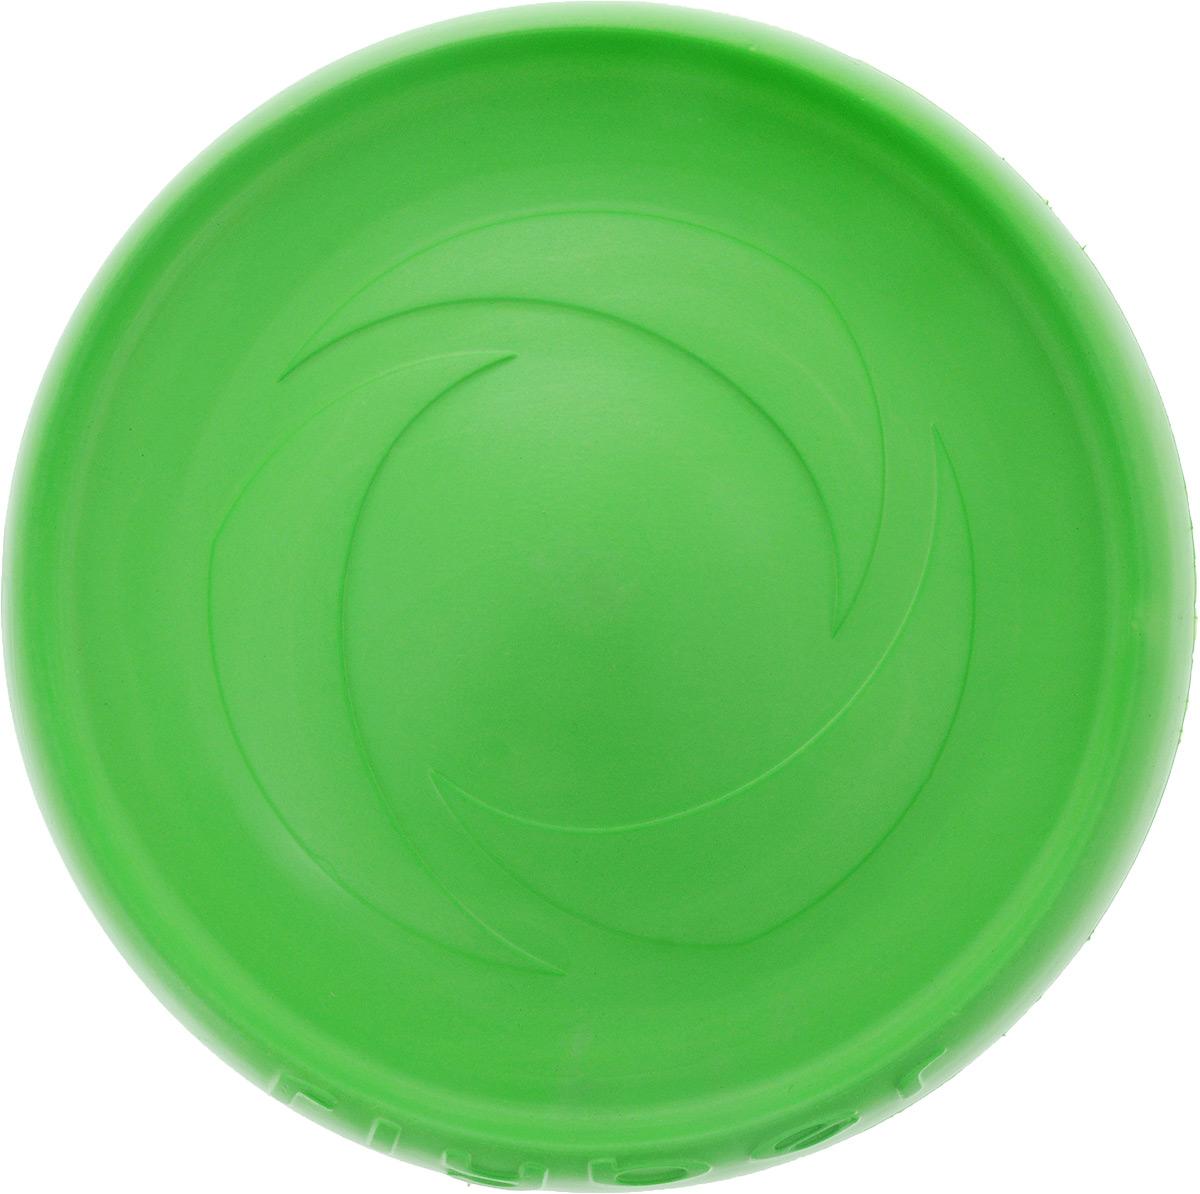 Тарелка летающая Flyber, цвет: зеленый, диаметр 22 см62175Flyber - первая двусторонняя летающая тарелка для собак и их владельцев. Благодаря оптимальному размеру, уникальной форме и материалу, она отлично подходит для игр с собаками различных пород и размеров. Даже собаки, которые ранее не проявляли интереса к играм с летающими тарелками, не смогут устоять перед Flyber. Уникальная форма легко поднимается с поверхности, не тонет в воде, не ломается, безопасна для зубов и десен собаки, подходит для игры на улице и в помещении.Диаметр тарелки: 22 см.Высота: 2,5 см.